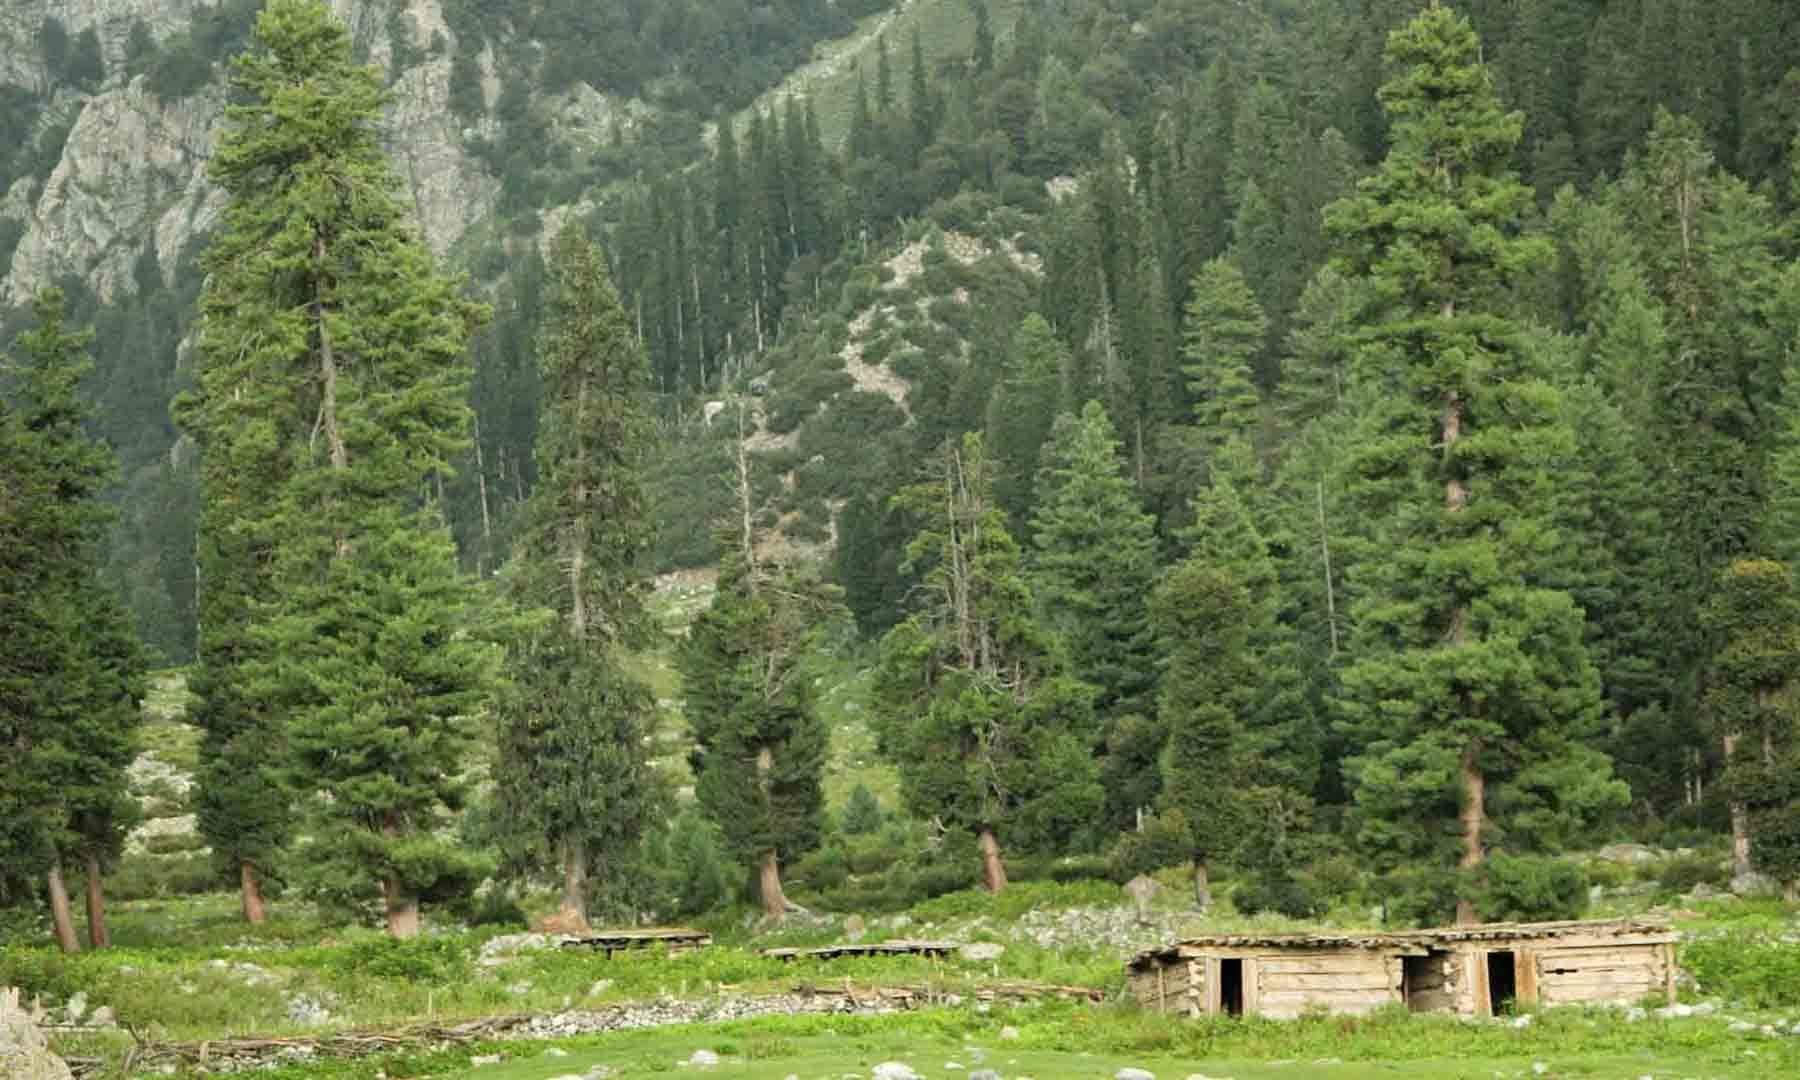 جانشئی بانڈہ کے آخری کوٹھے، جہاں سے آگے مستیج بانڈہ کے لیے سفر شروع کیا جاتا ہے